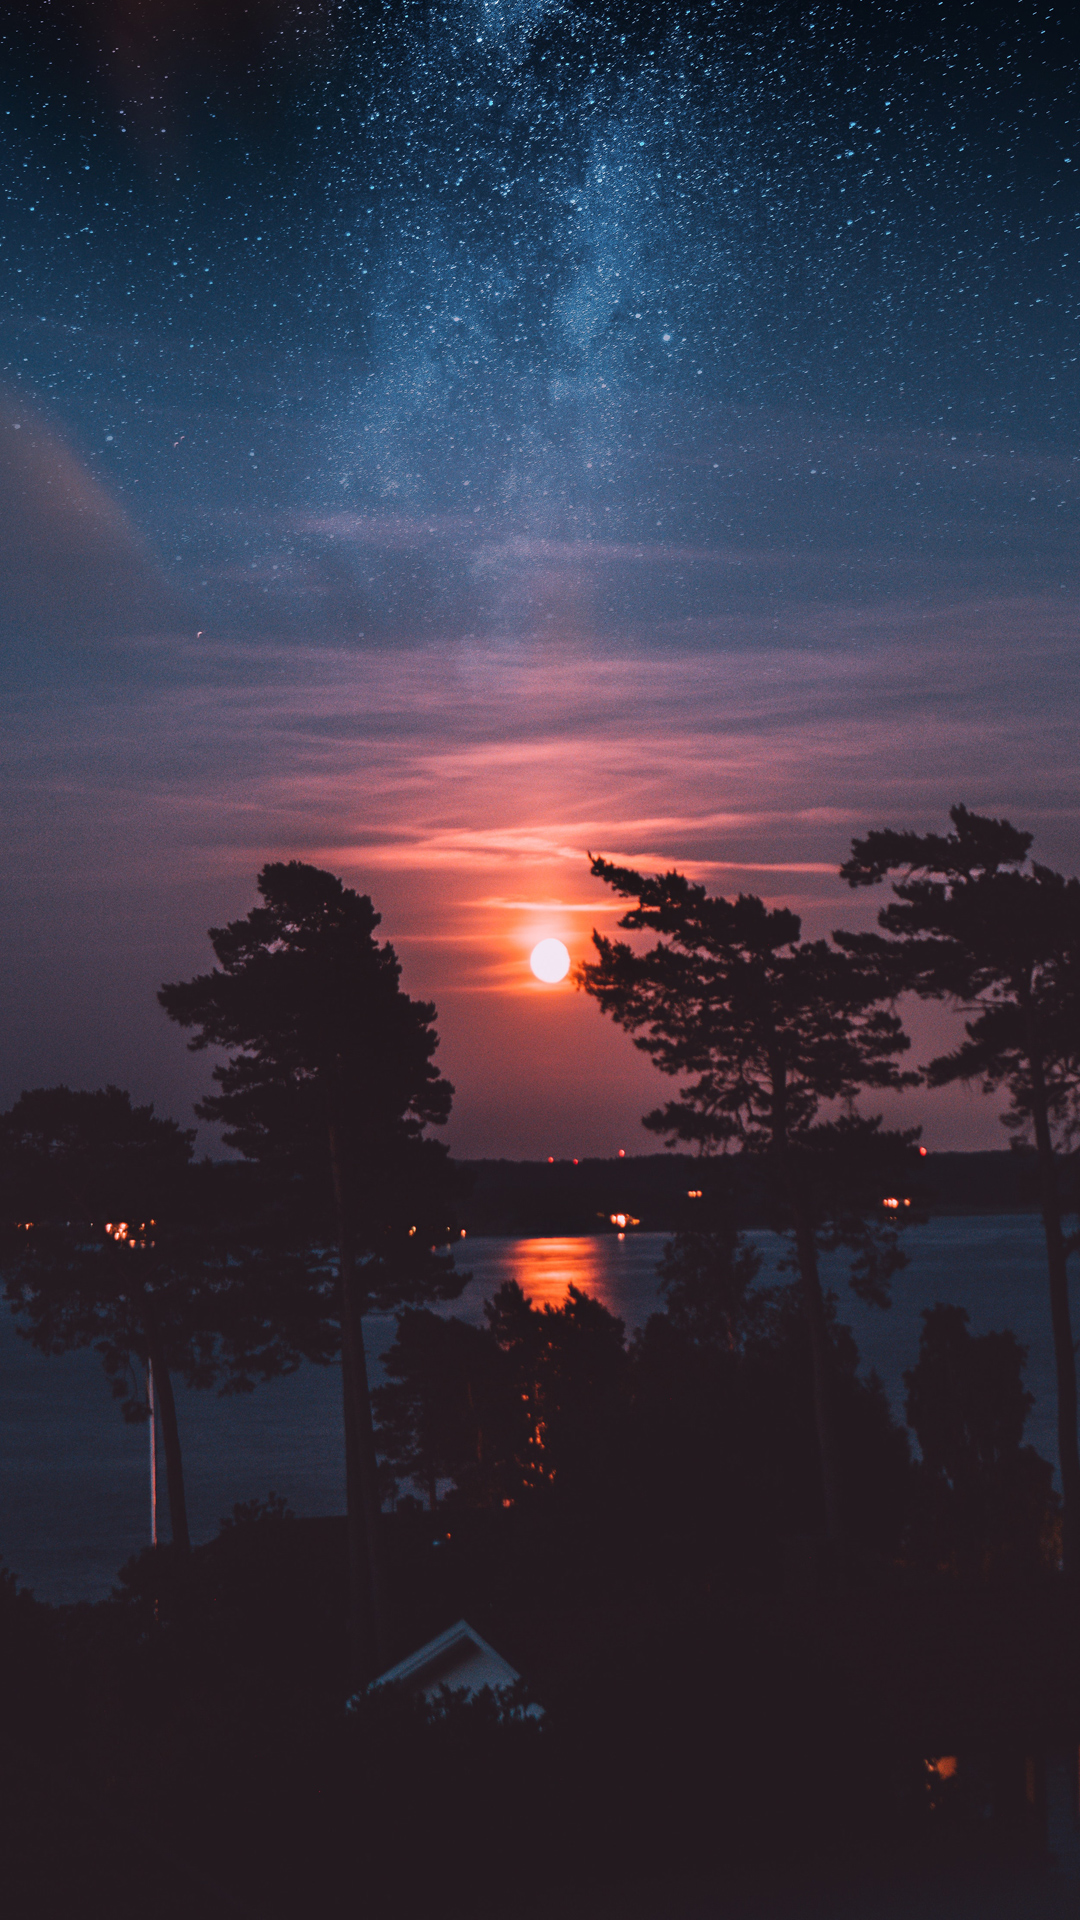 Hình ảnh mặt trời chiều tối